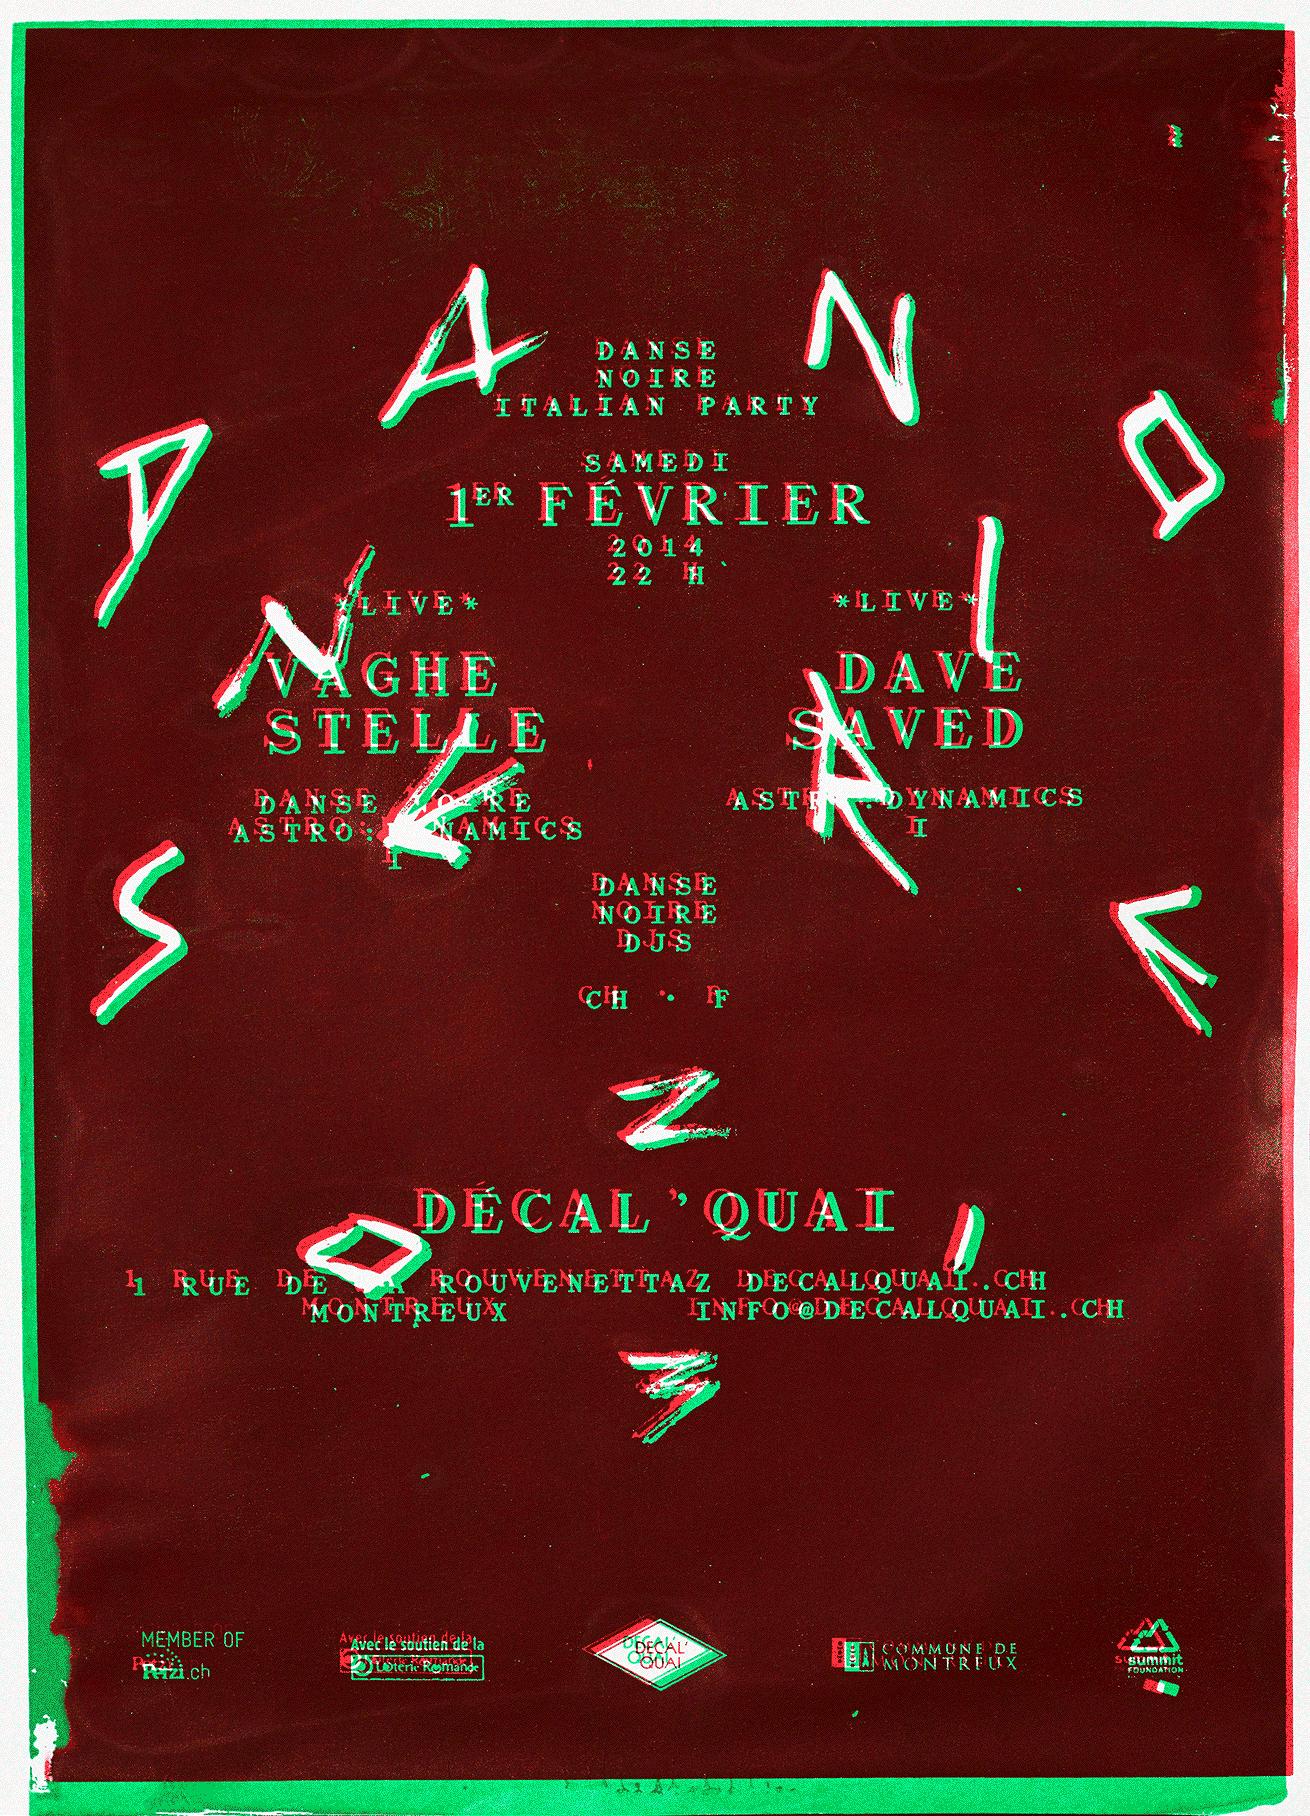 Affiche pour une soirée Danse Noire. 2 couches identiques sont imprimées avec un décalage.